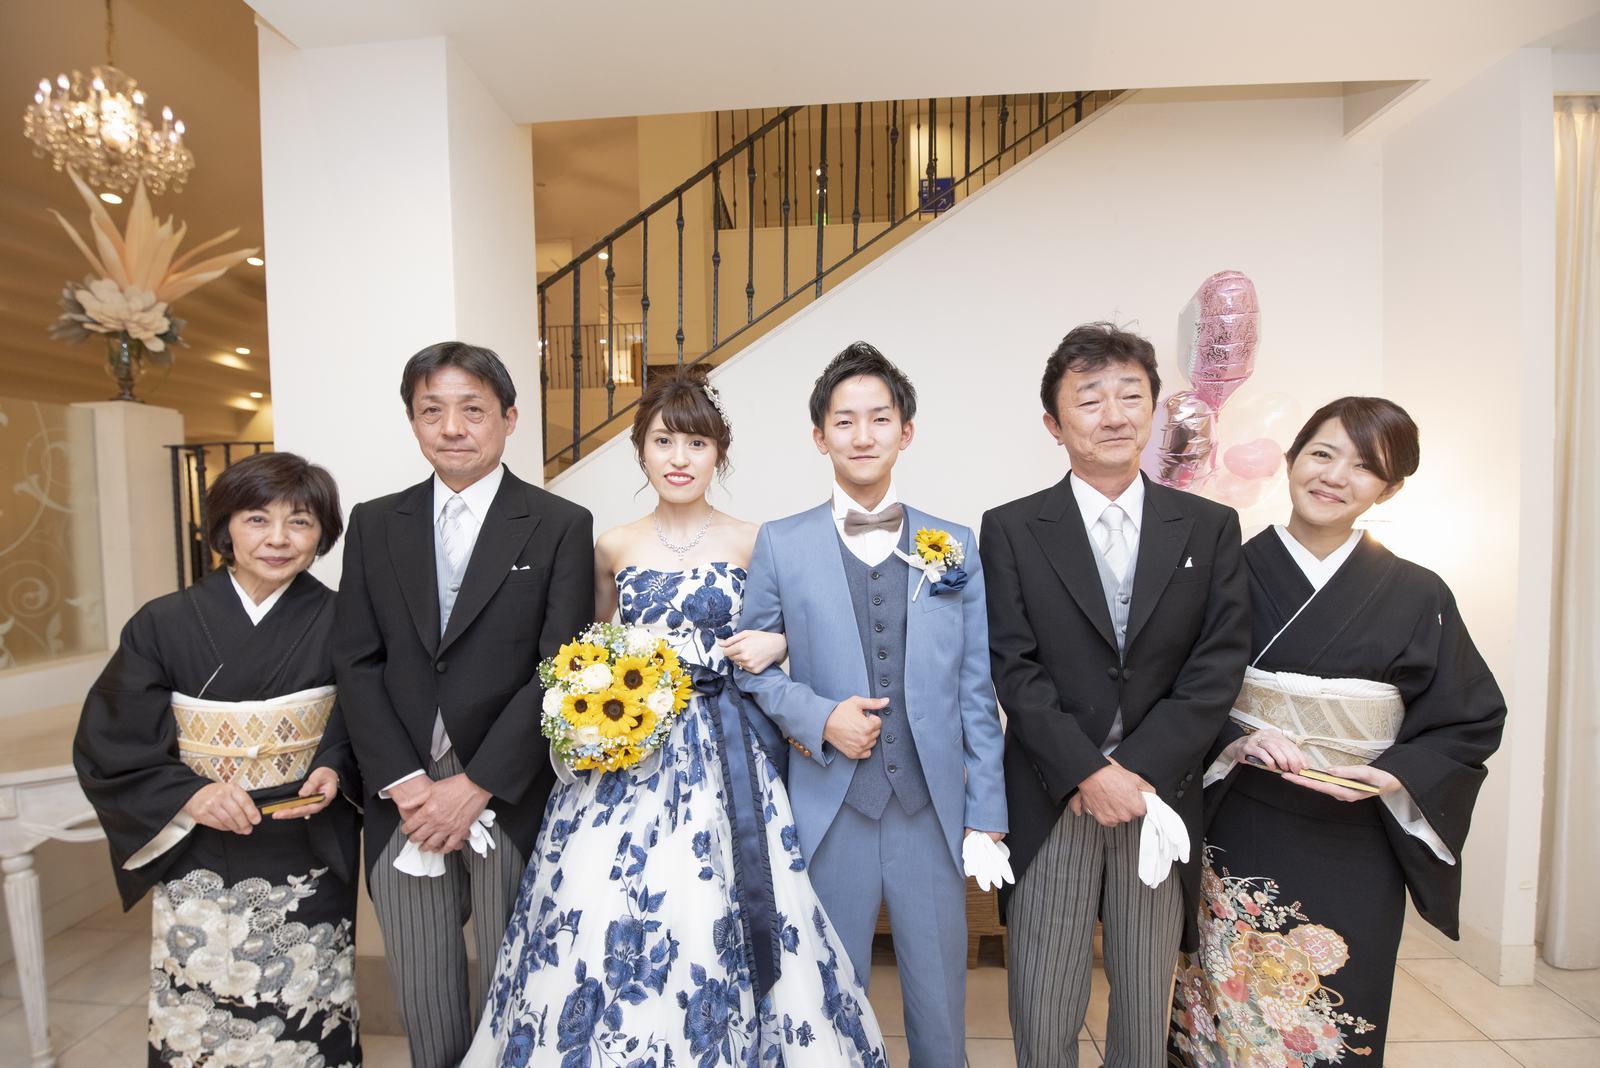 香川県の結婚式場シェルエメール&アイスタイル ご両家様